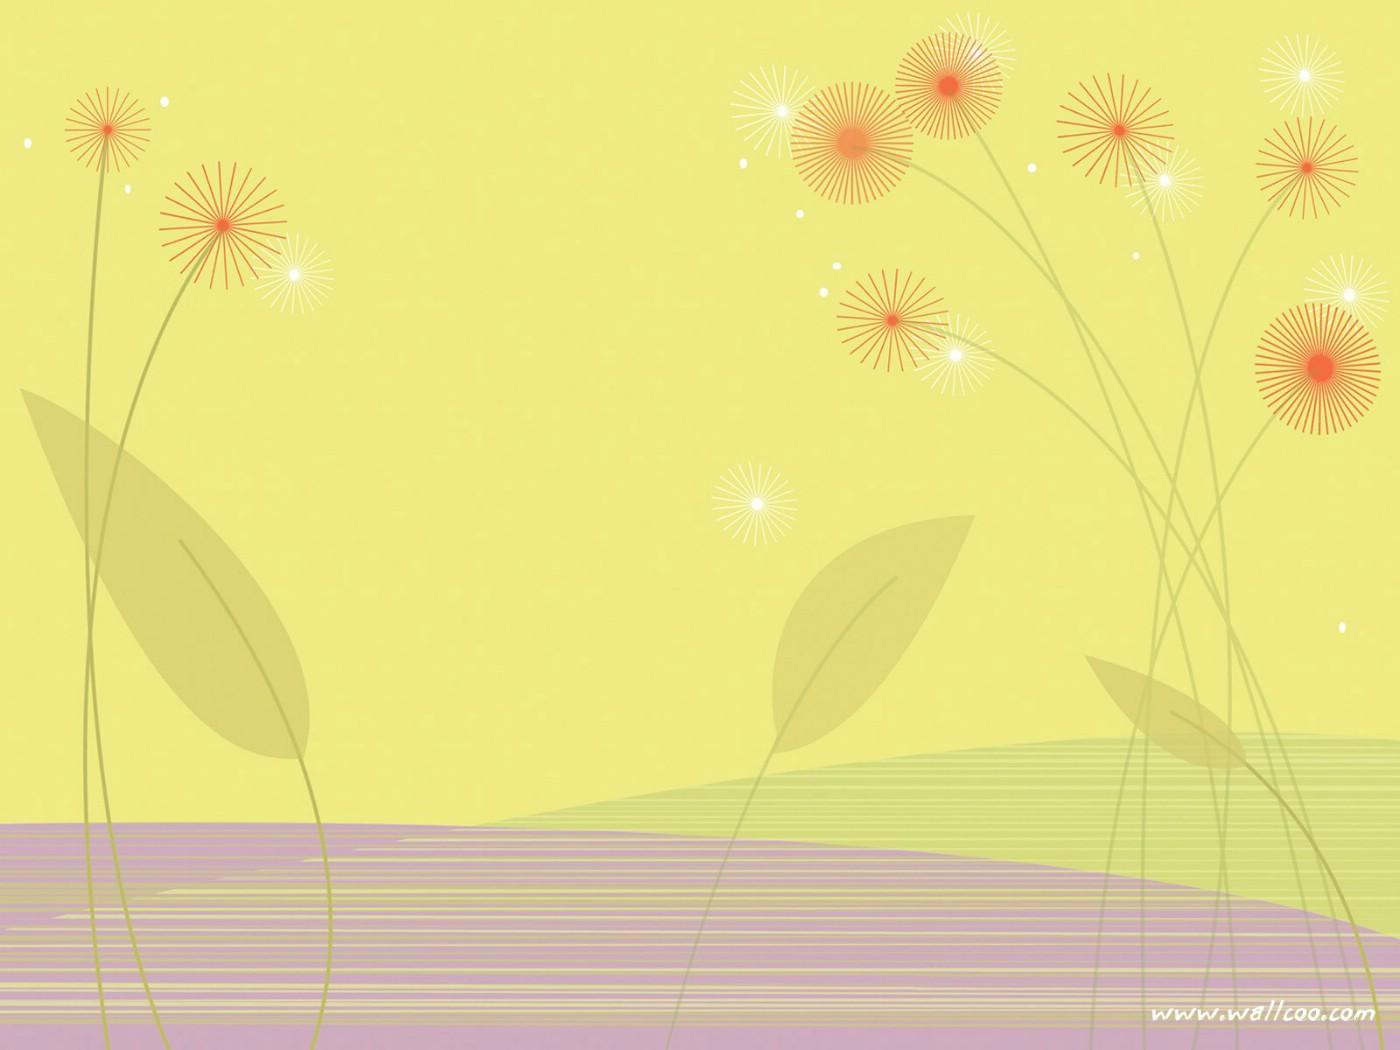 壁纸1400×1050抽象花卉图案设计 抽象花卉插画壁纸壁纸 艺术与抽象花卉壁纸壁纸图片花卉壁纸花卉图片素材桌面壁纸